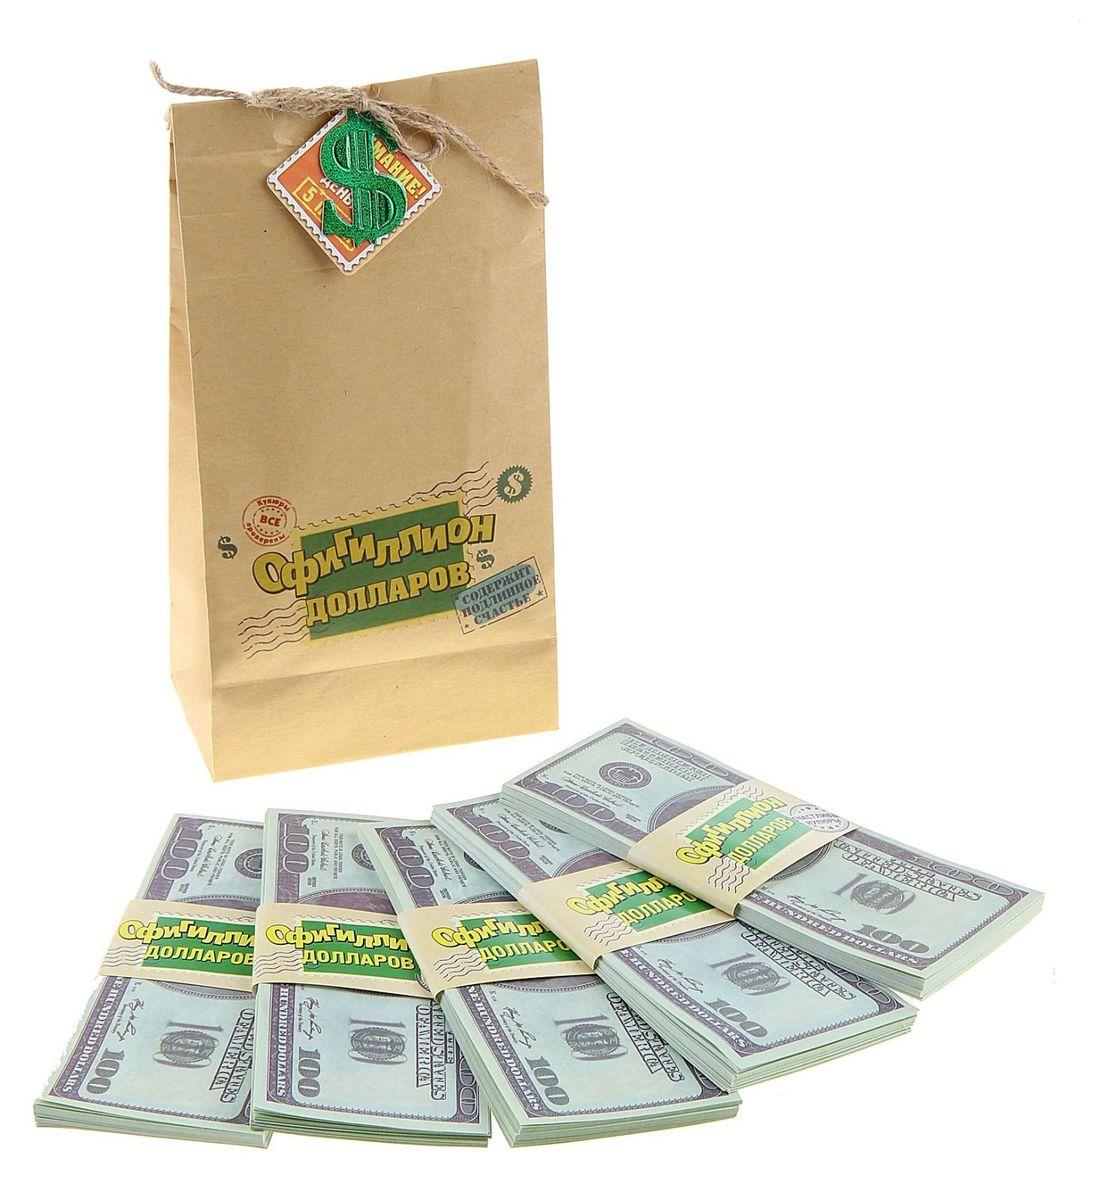 Мешок денег Sima-land Офигиллион Долларов, 4 x 11,5 x 21,4 см761904Хотите весело и щедро выкупить невесту? Легко! Сколько нужно жениху, чтобы родители невесты отдали их бесценное сокровище? Возможно, мешок денег или два. А в каждом – по офигиллиону долларов. Теперь точно хватит! В плотном мешке из бумаги располагается 5 пачек, каждая их которых упакована в бумажную обертку с надписью. Деньги оформлены в виде настоящих стодолларовых купюр. Мешок декорирован бечевкой с эмблемой валюты, которая находится внутри. Теперь дело за малым, осталось лишь послушно выполнять задания подружек невесты и удивлять их своей щедростью!